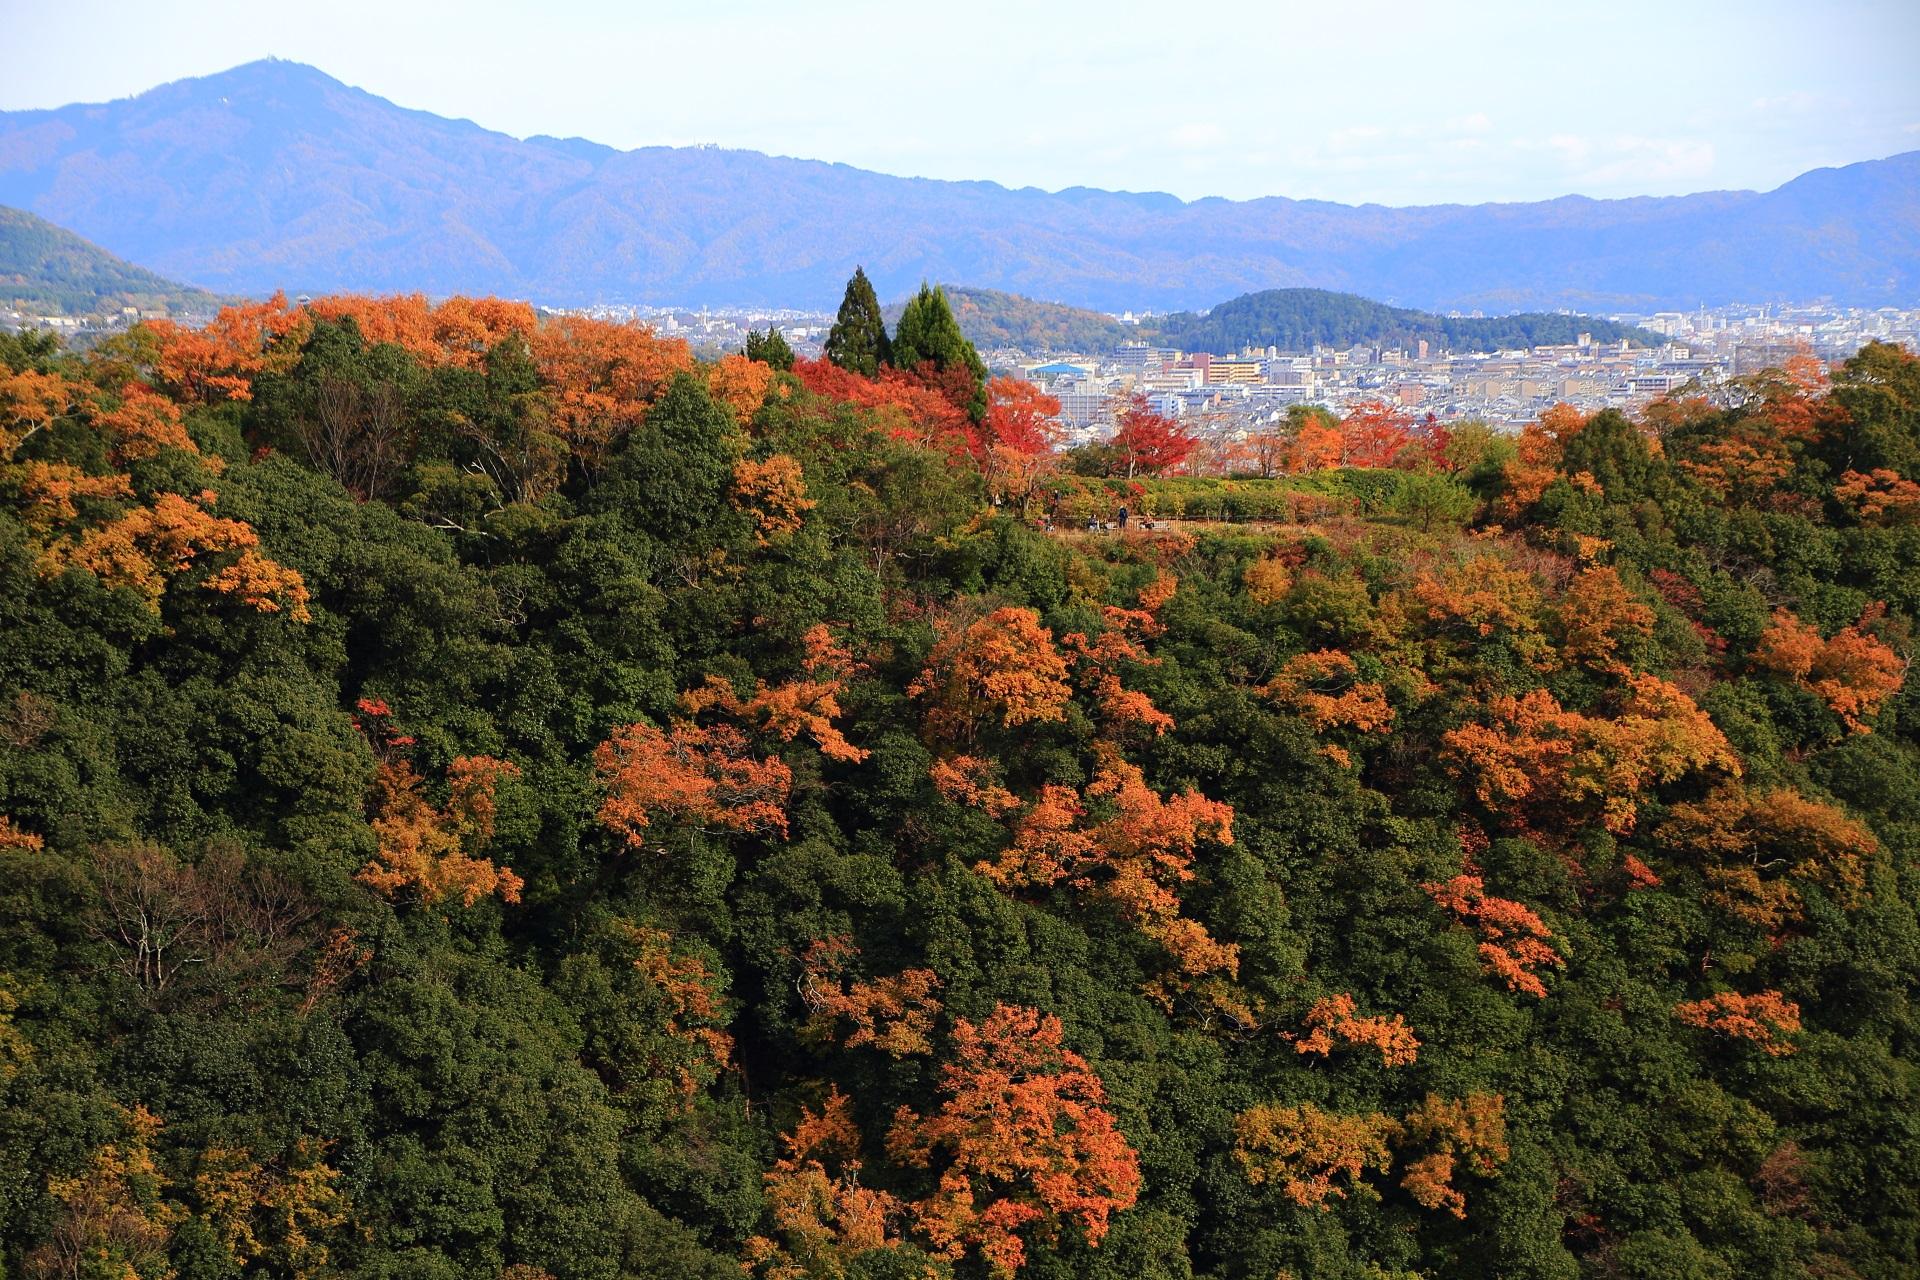 大悲閣千光寺から眺めた色づく山とさらにその向こうに見える京都市街